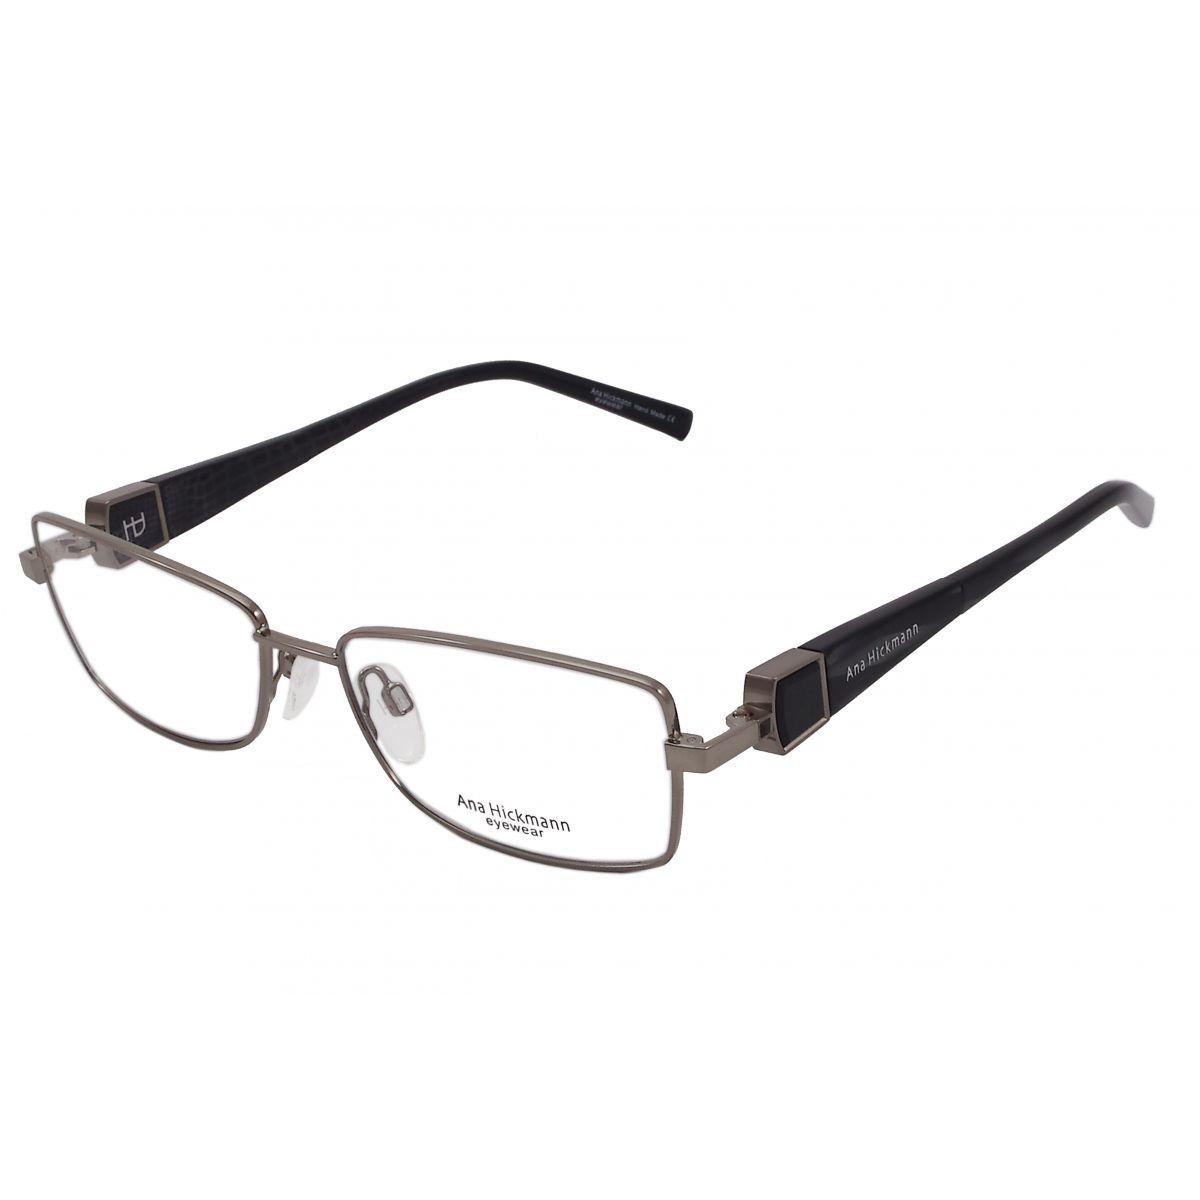 Oculos De Grau Ana Hickmann Duo Fashion Ah1248 02a Tam 54 Square